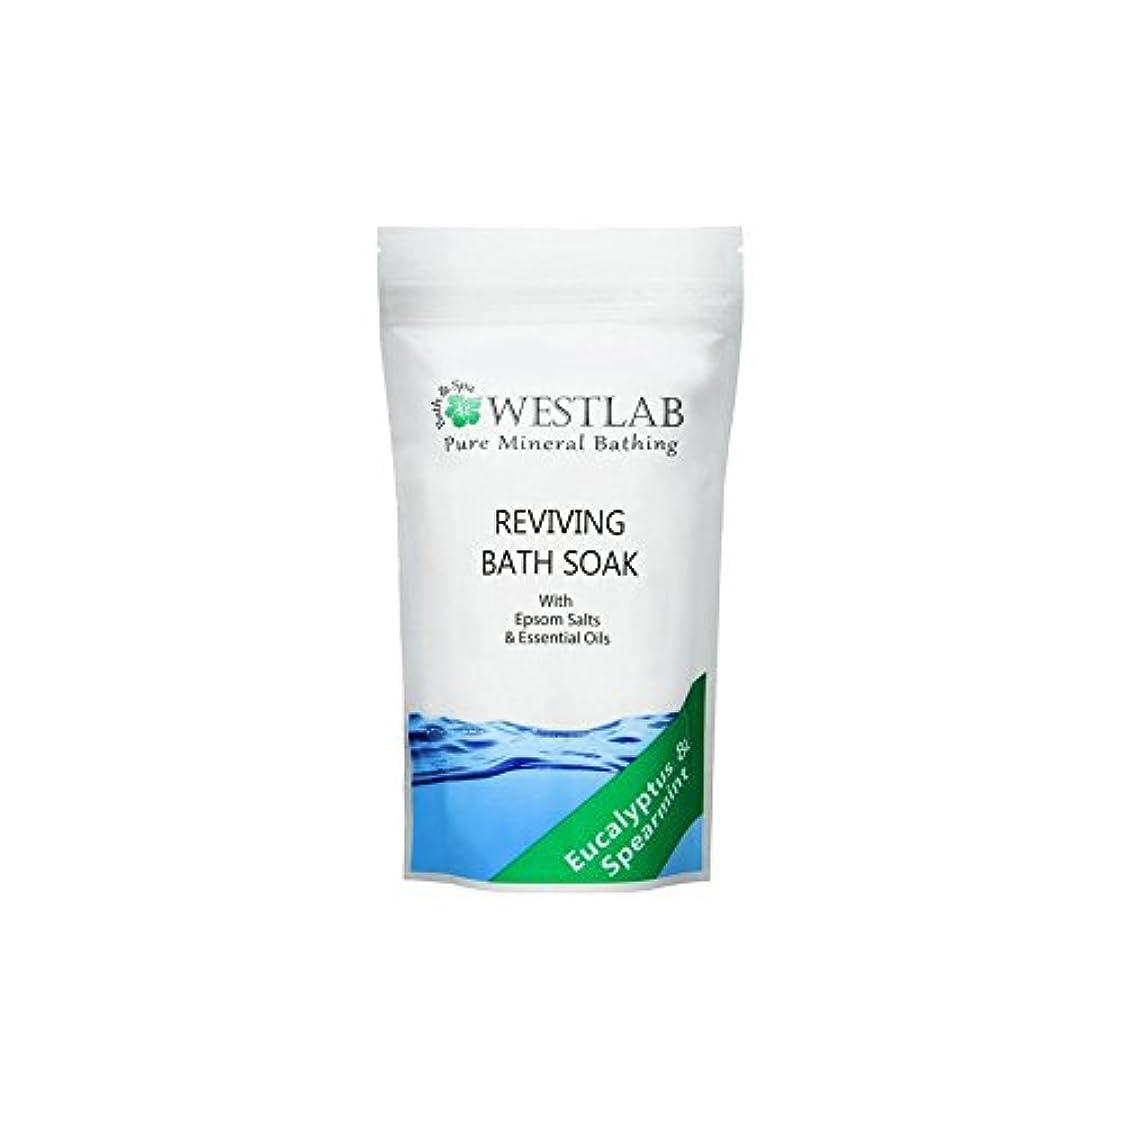 ずっとパトロン嫌がらせ(500グラム)をソークエプソム塩浴を復活させます x4 - Westlab Revive Epsom Salt Bath Soak (500g) (Pack of 4) [並行輸入品]